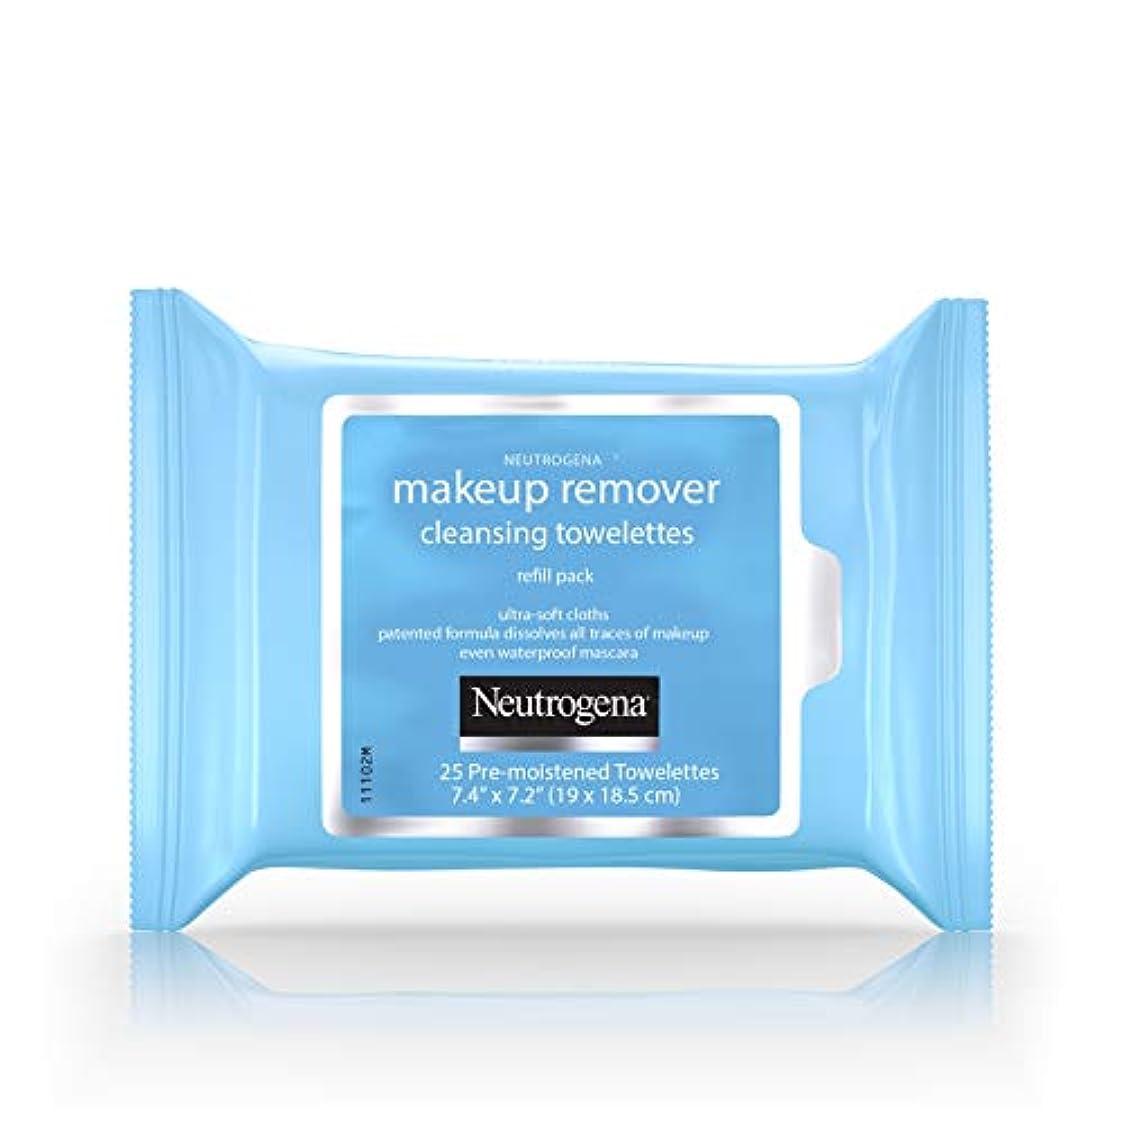 磁器コーデリア浸食Neutrogena Make-up Remover Cleansing Towelettes Refill Pack 25 Pc (並行輸入品)